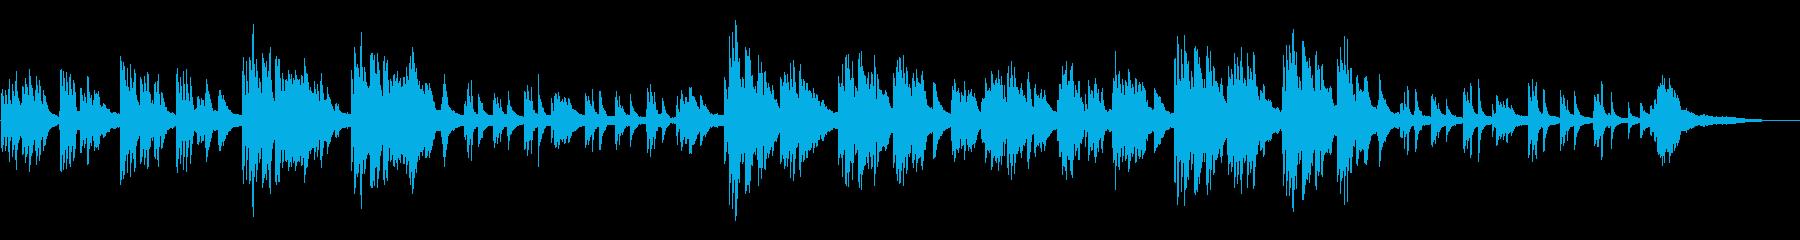 懐かしさのあるピアノソロの再生済みの波形